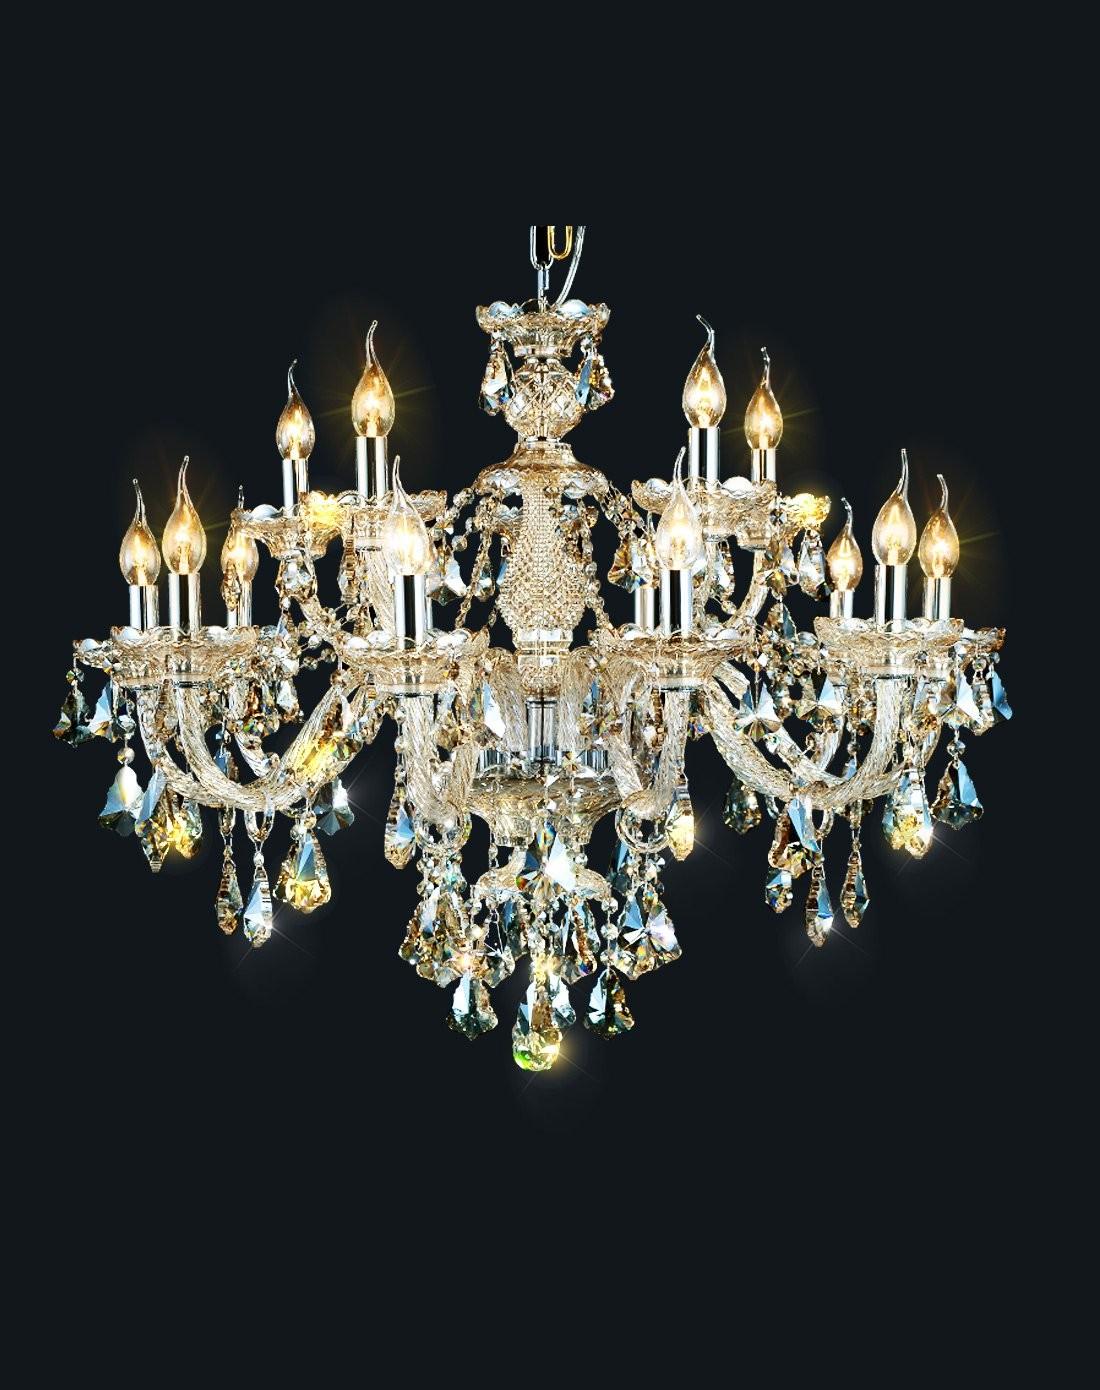 欧式蜡烛15头水晶吊灯 简欧灯饰